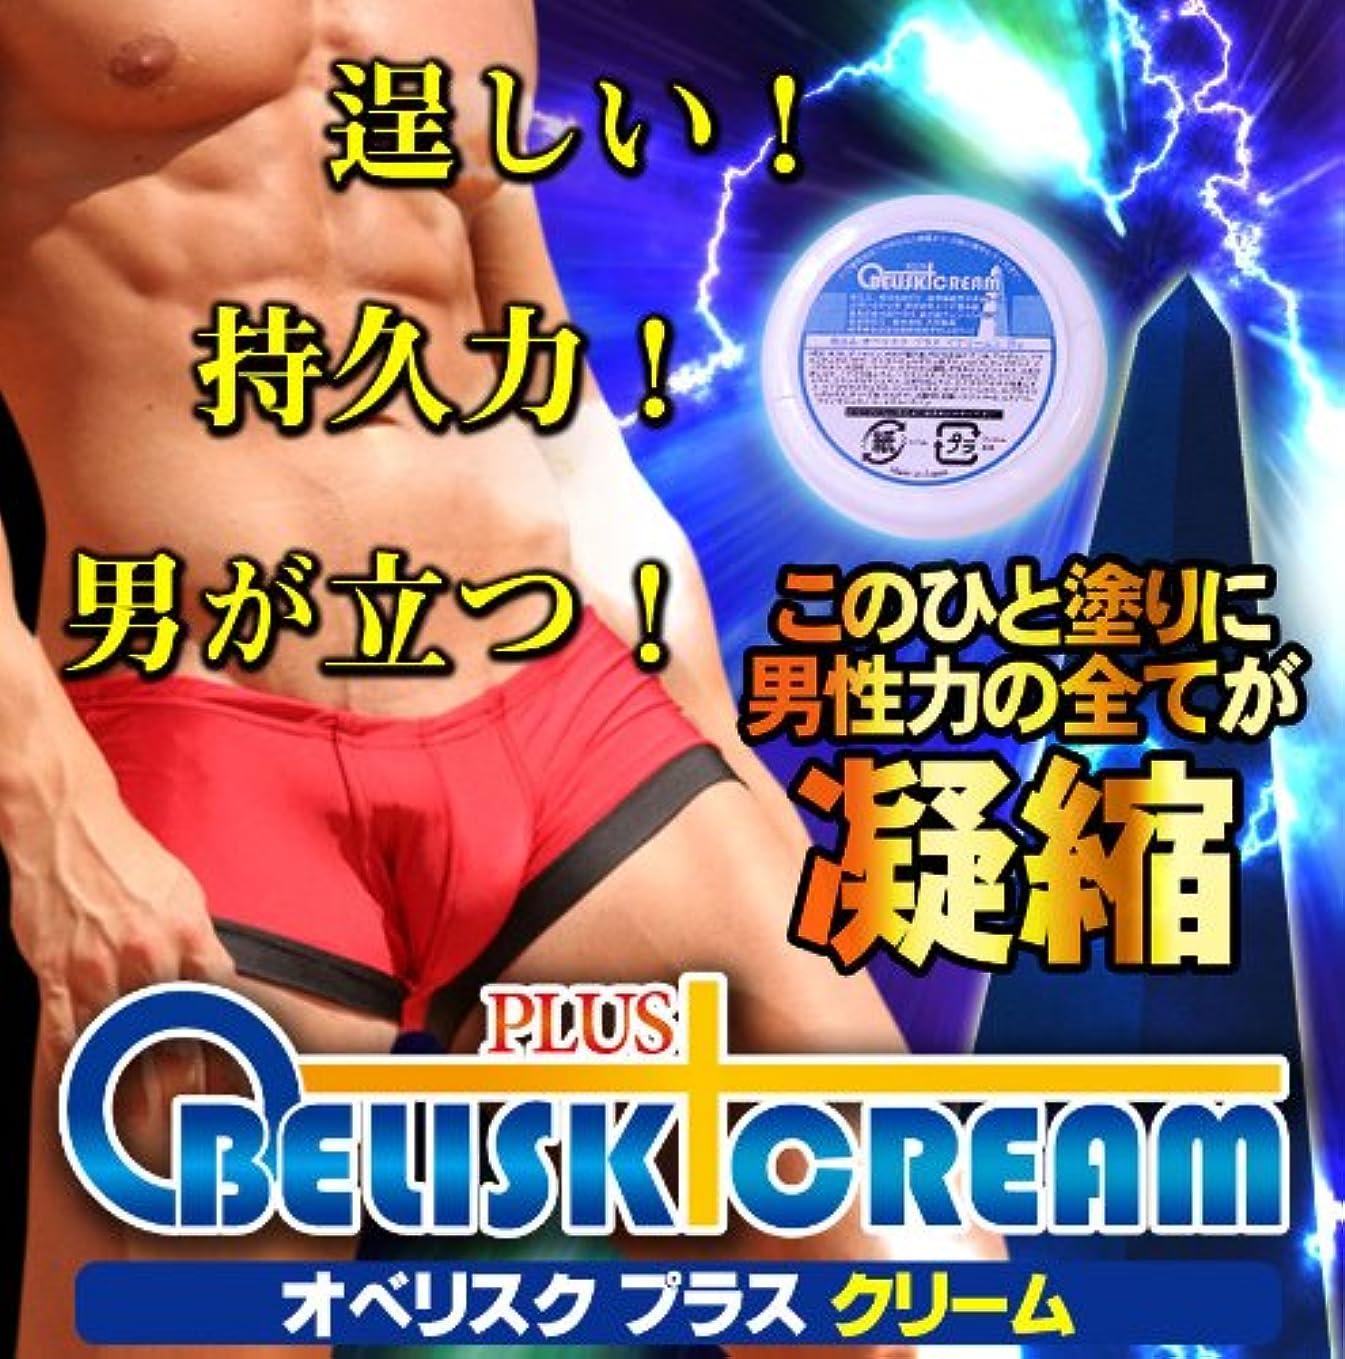 応じる閃光囲いオベリスクプラスクリーム(男性用持続力コントロールクリーム)